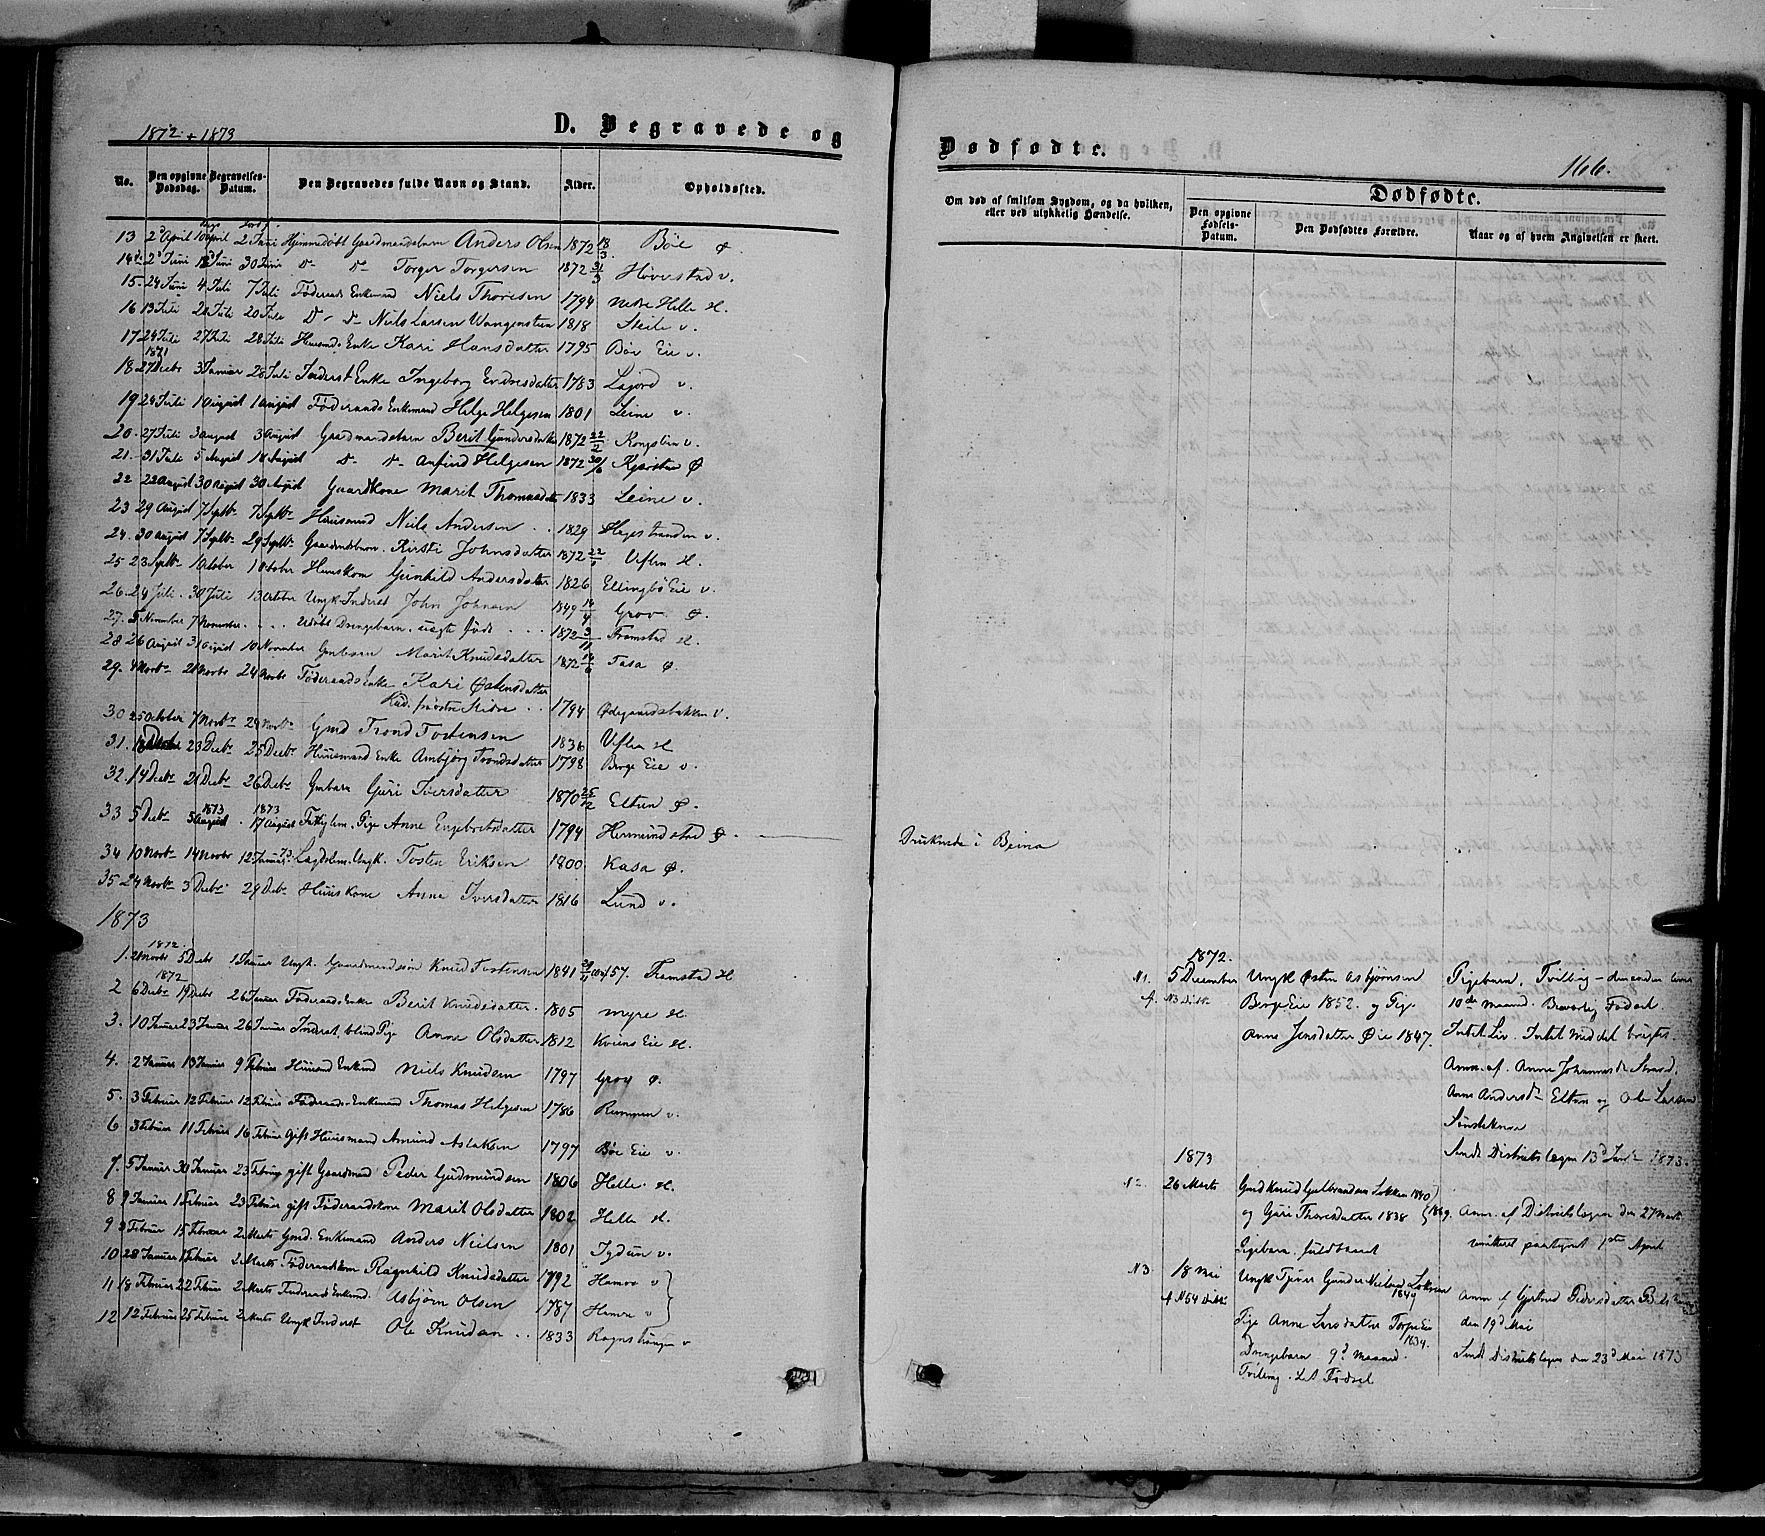 SAH, Vang prestekontor, Valdres, Ministerialbok nr. 7, 1865-1881, s. 166